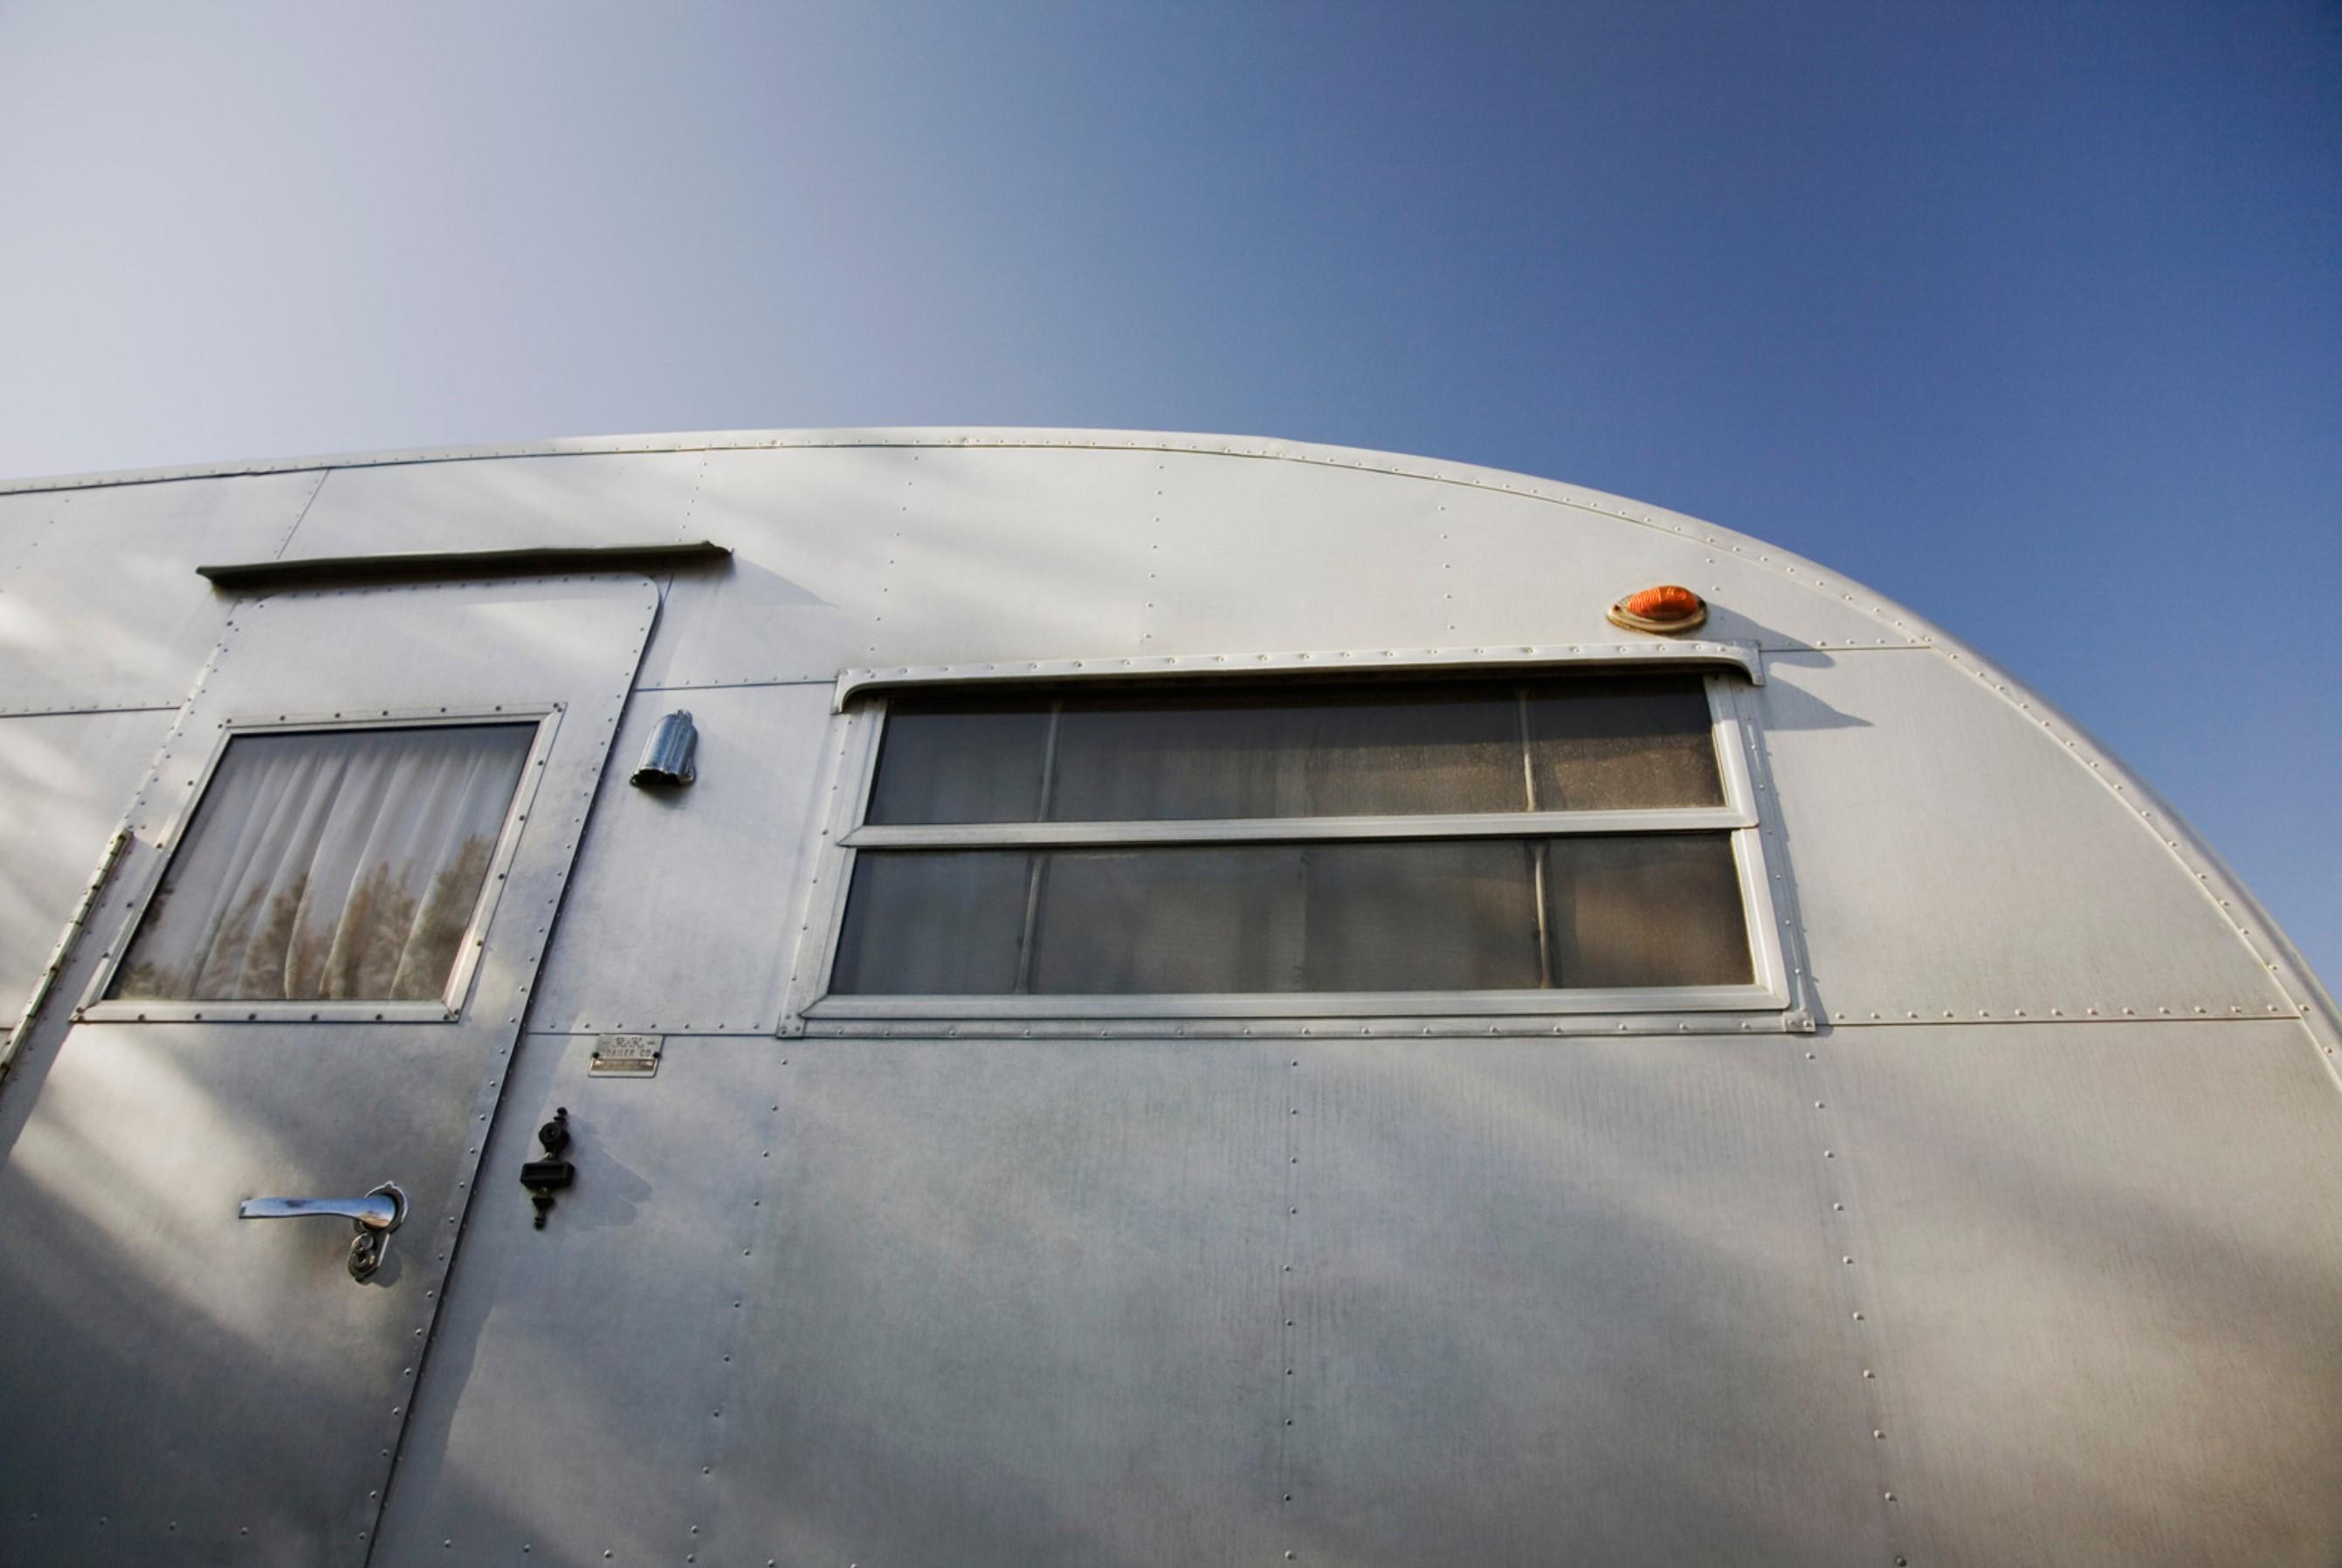 Changement adresse carte grise caravane